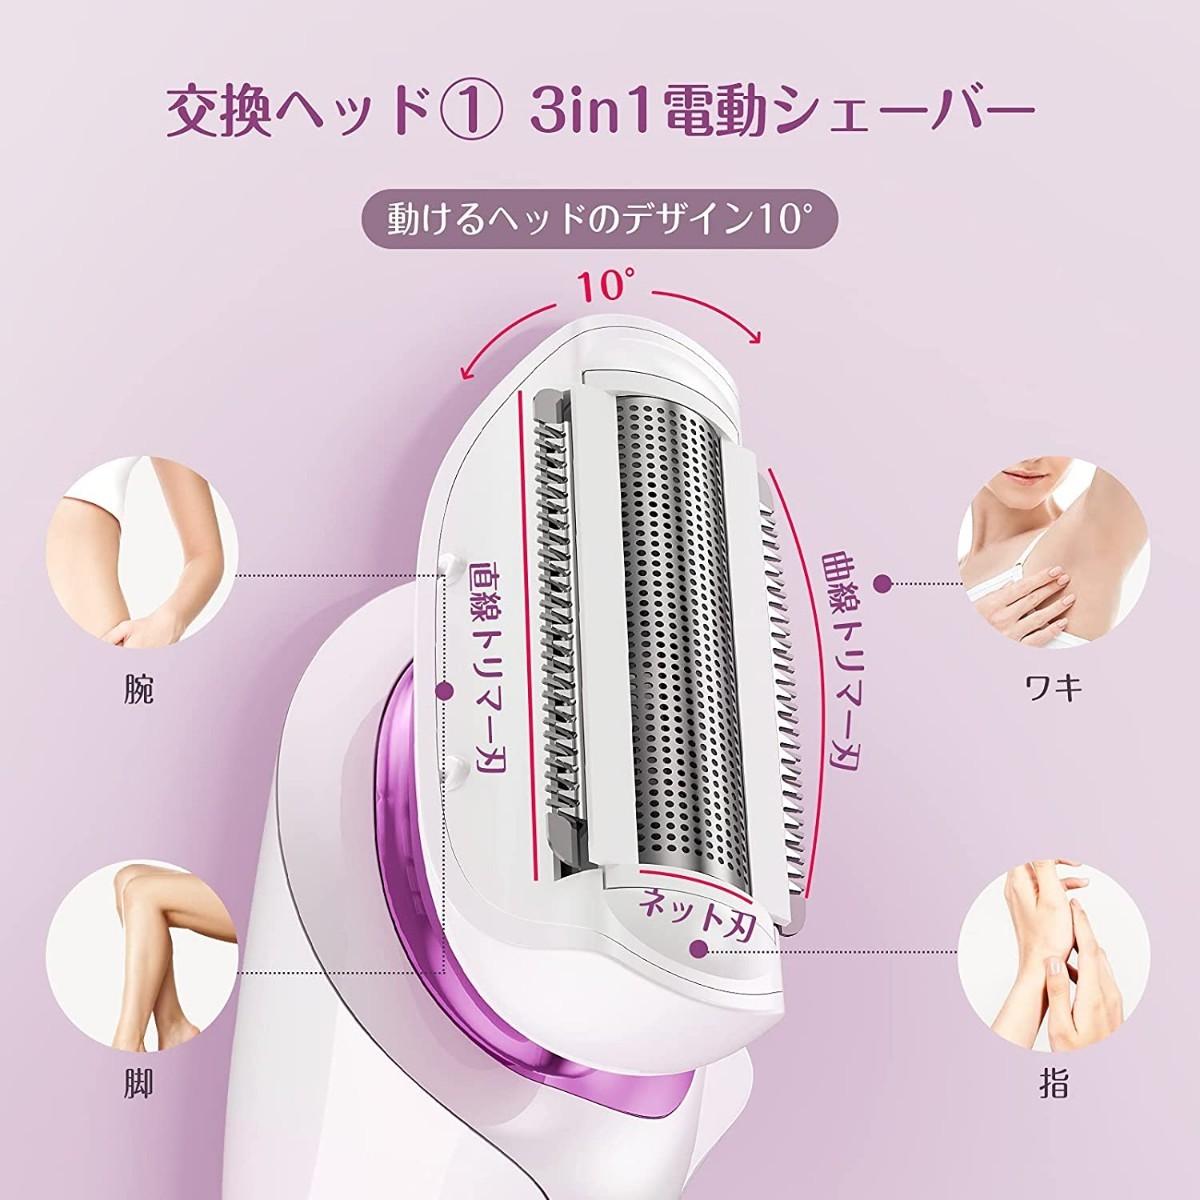 【2021年最新】レディースシェーバー 女性用3in1電動 ムダ毛処理